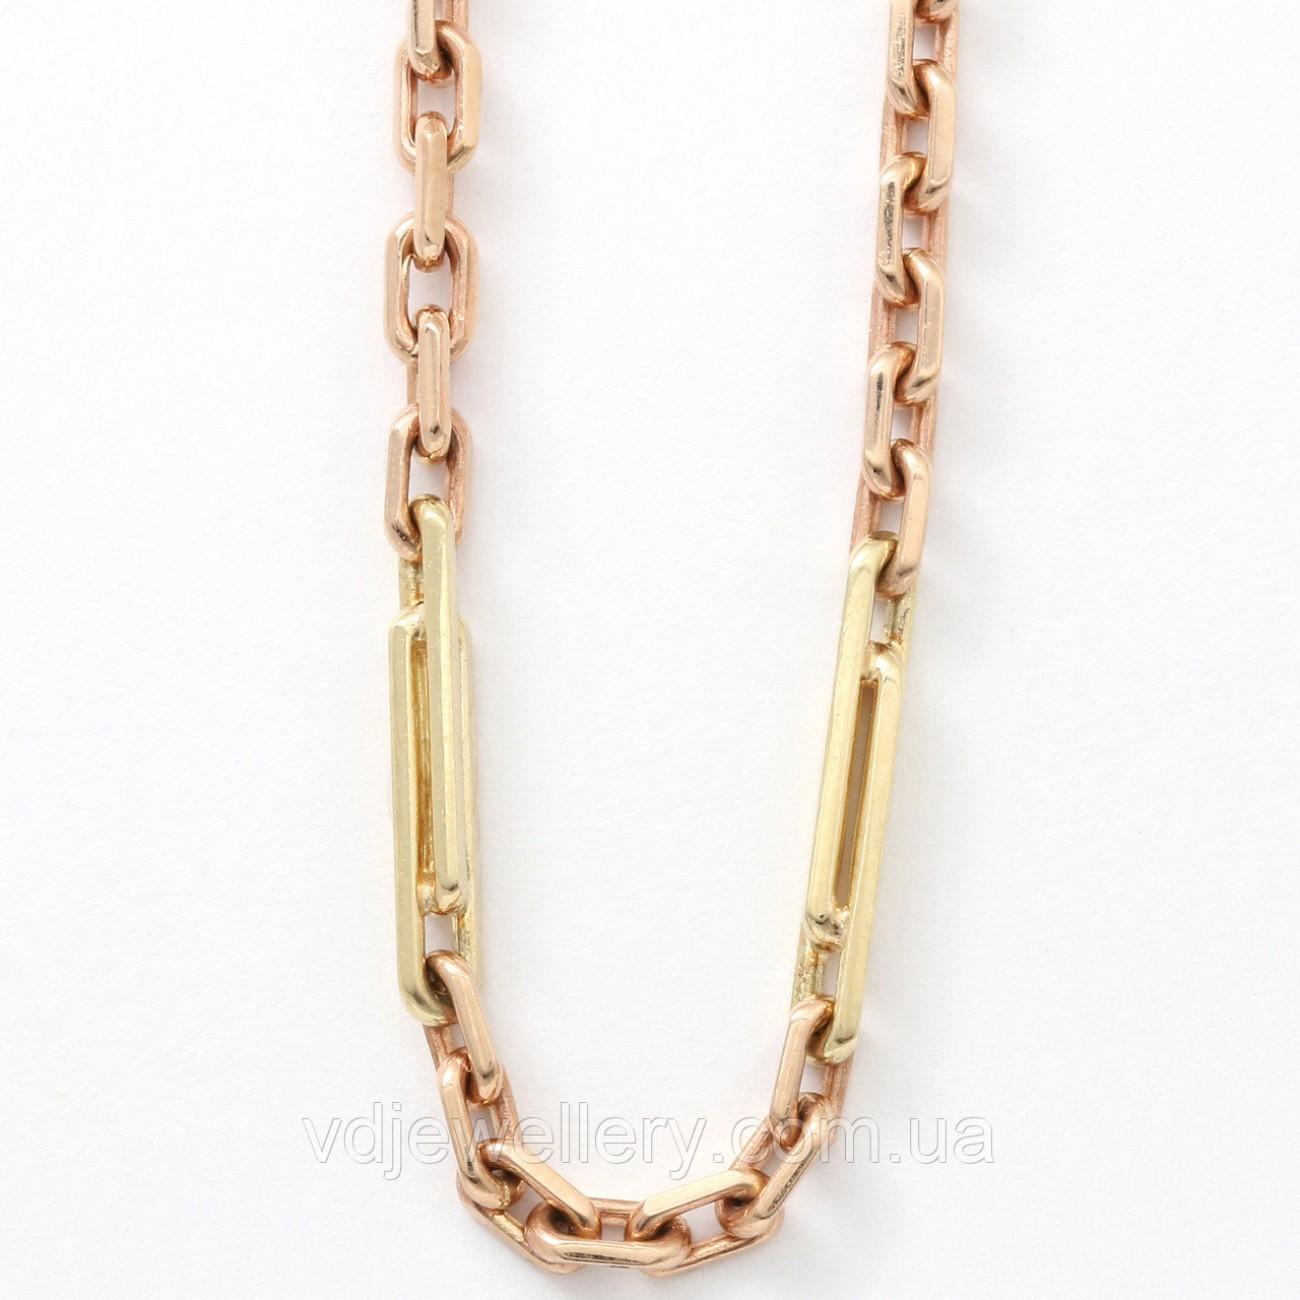 Золотая якорная цепочка 4200033-Я15